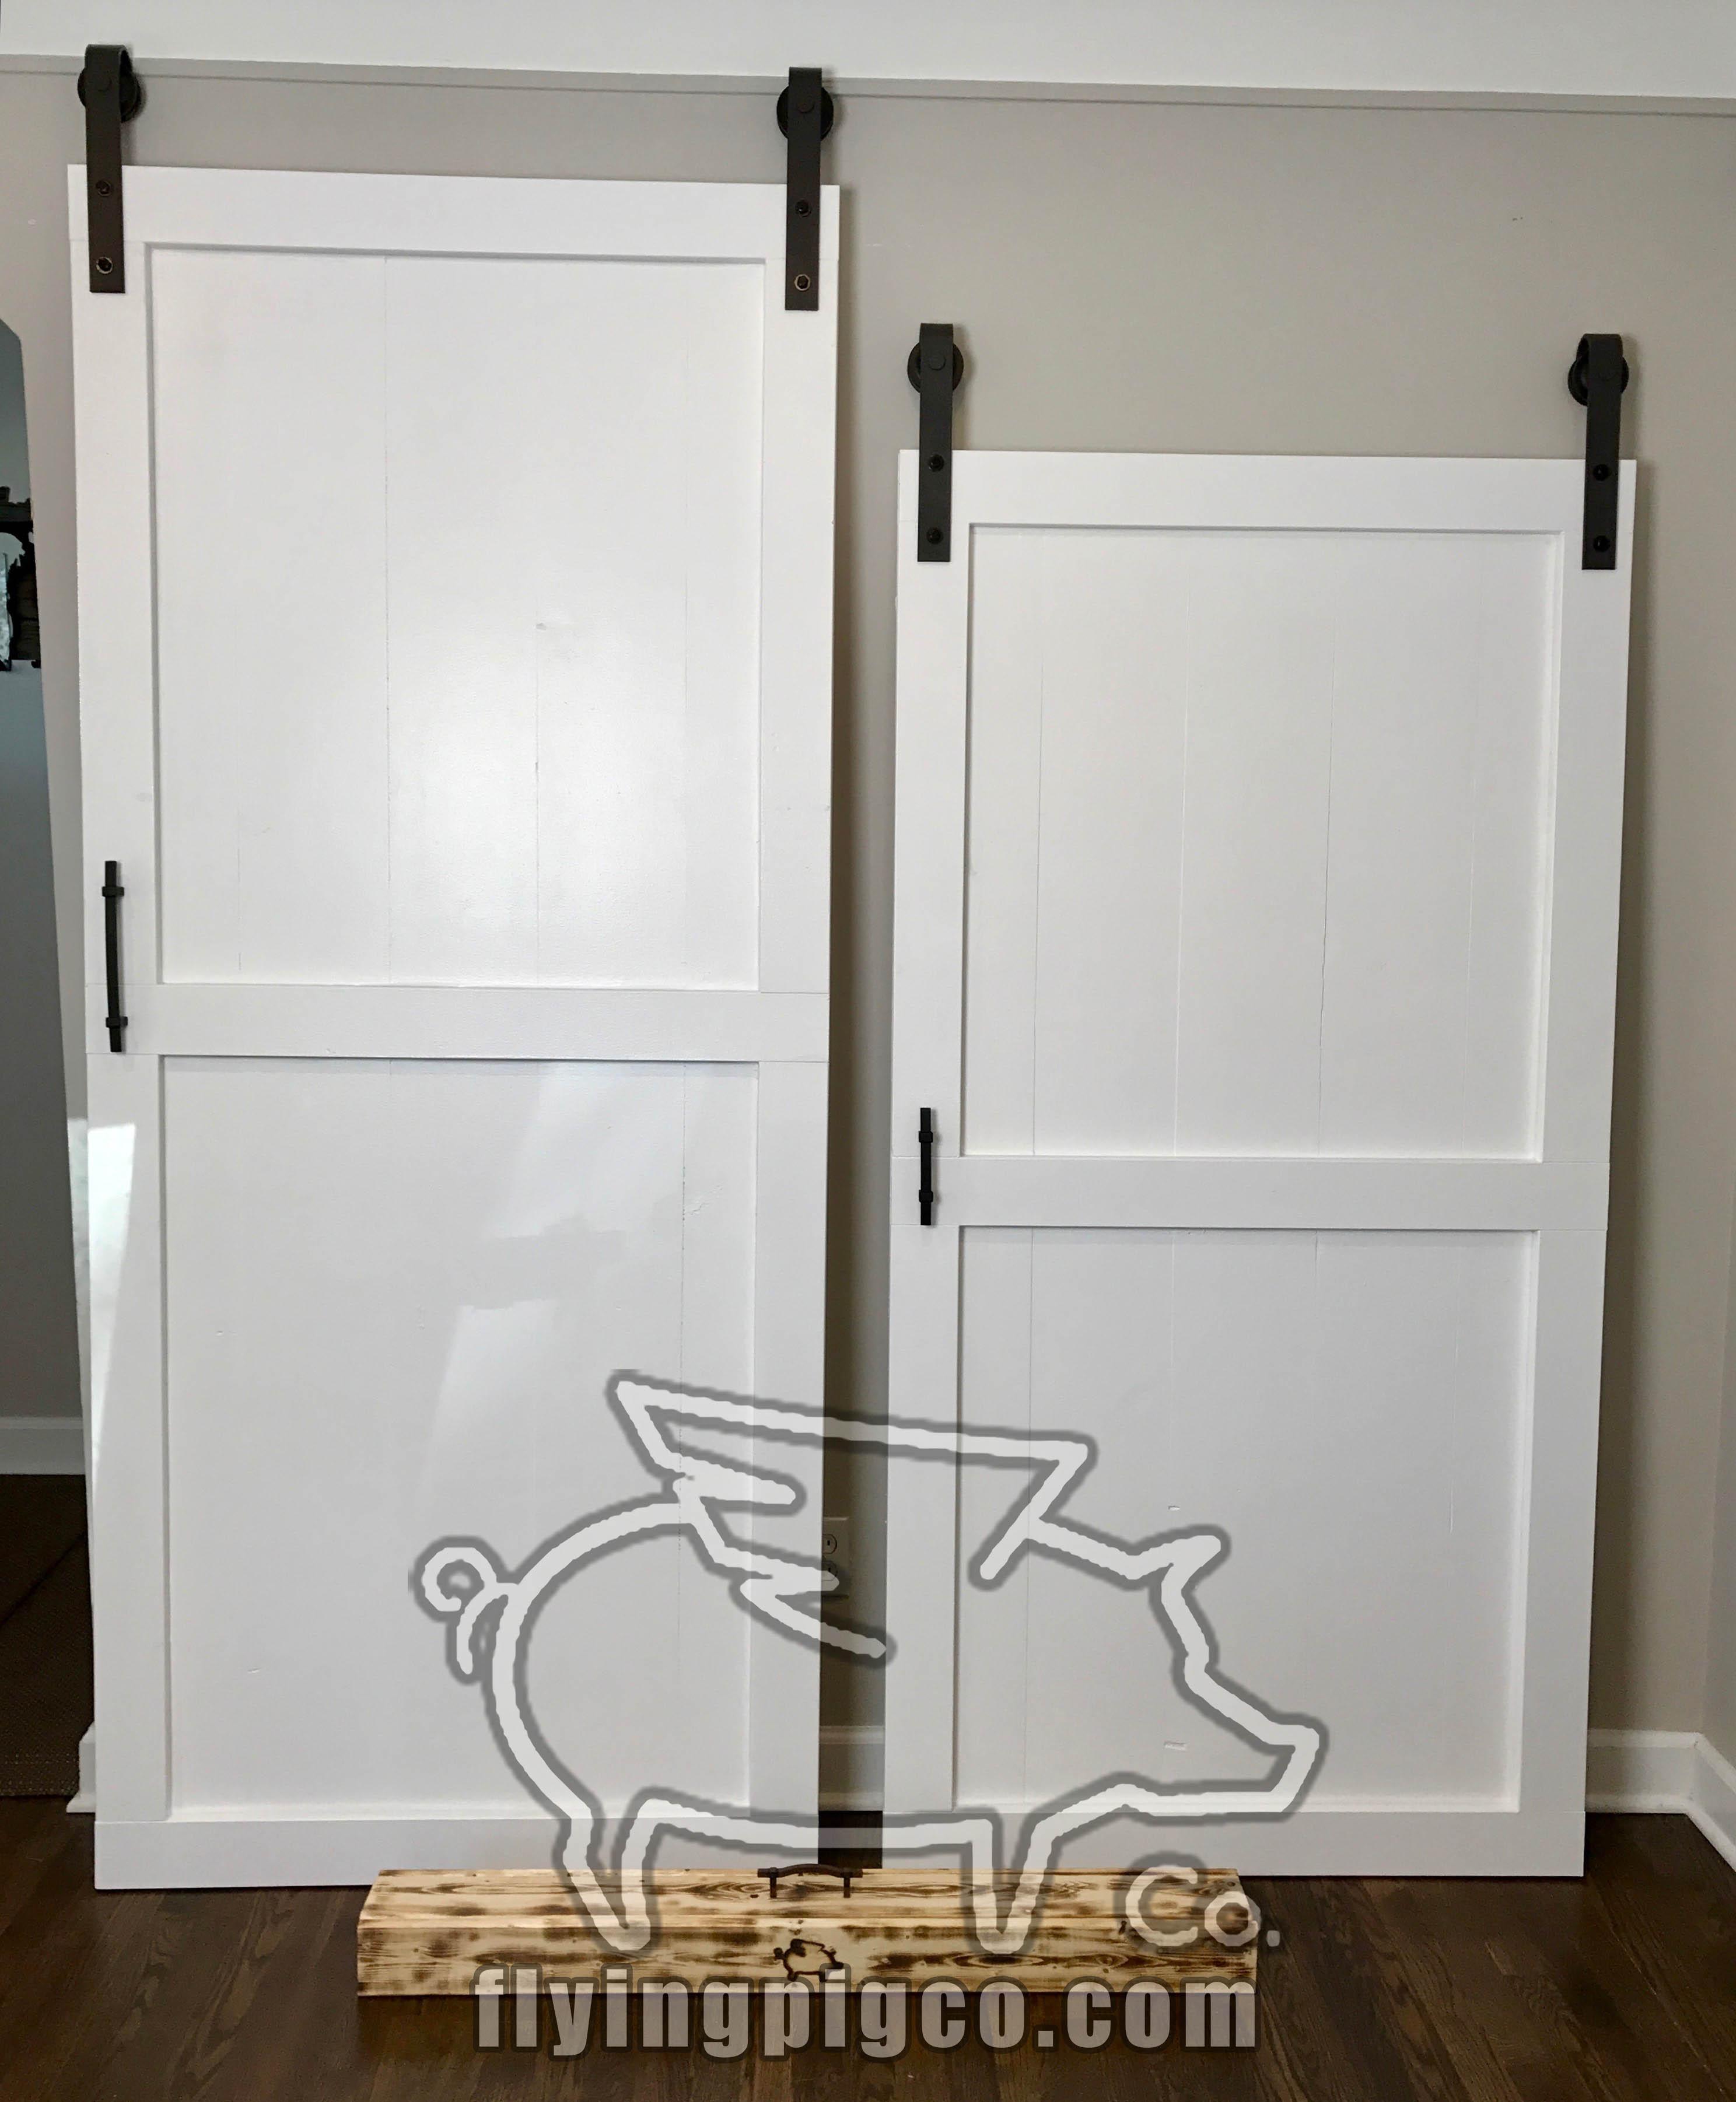 Door and window shutter 3 flying pig co for Window and door company